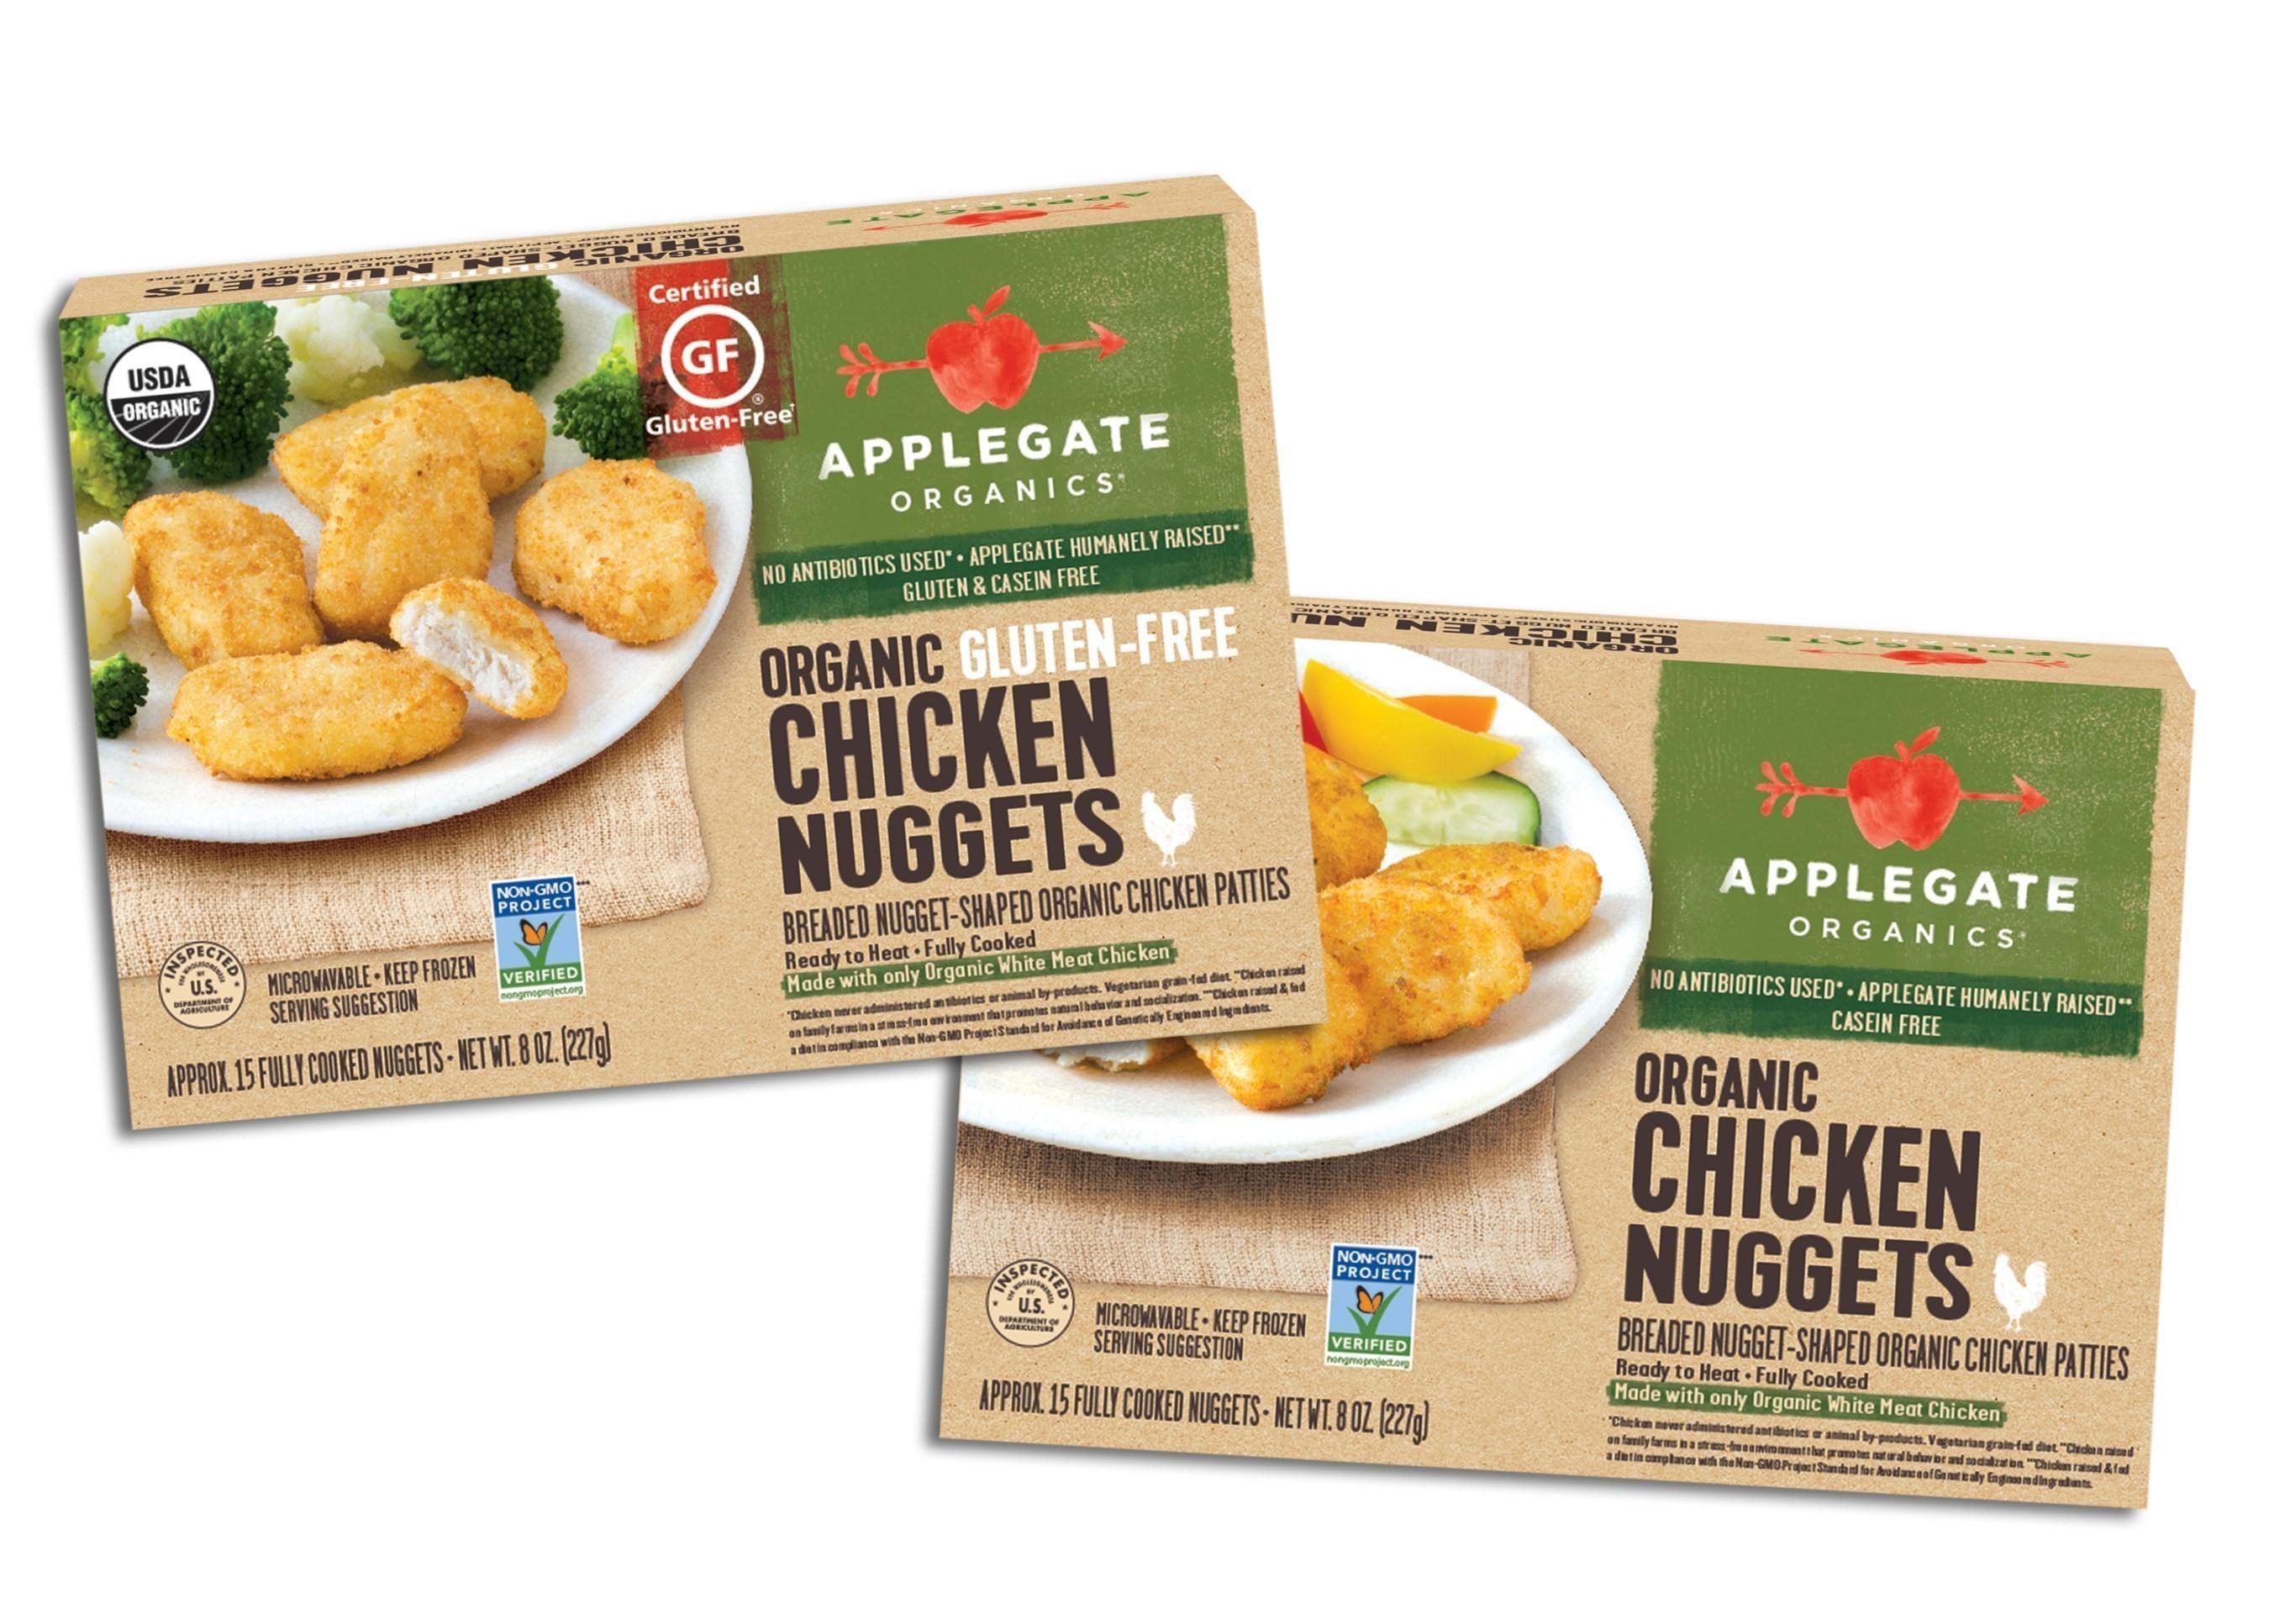 New Applegate Organics Gluten-free Chicken Nuggets and Applegate Organics Chicken Nuggets